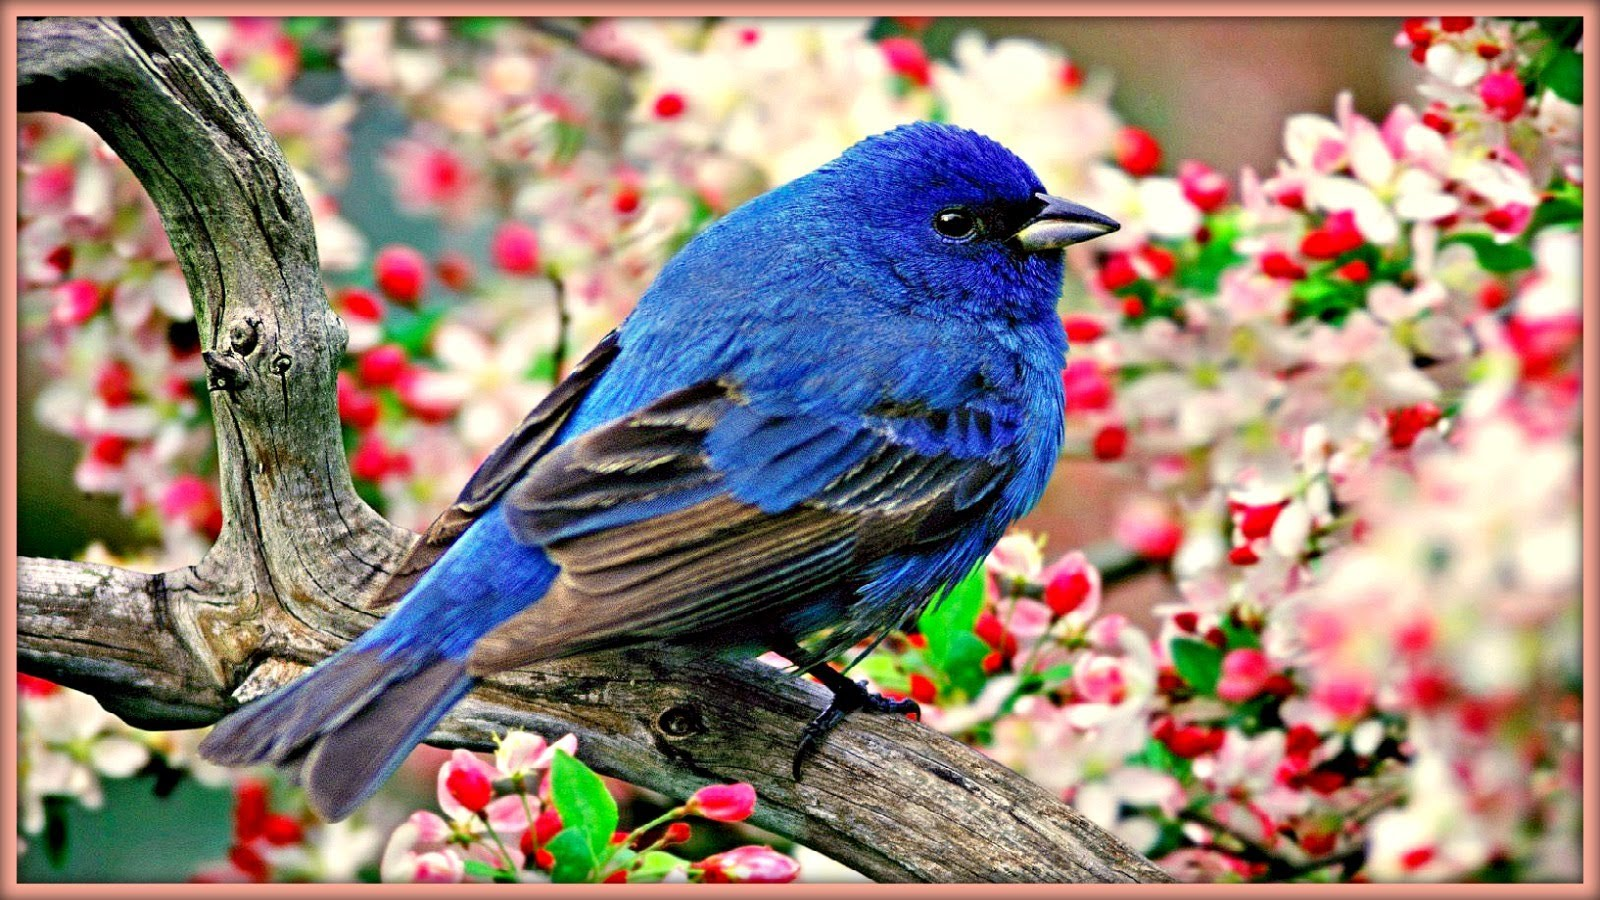 بالصور صور طيور , بدقة عالية شاهد صور طيور مختلفة ومتنوعة 4275 11